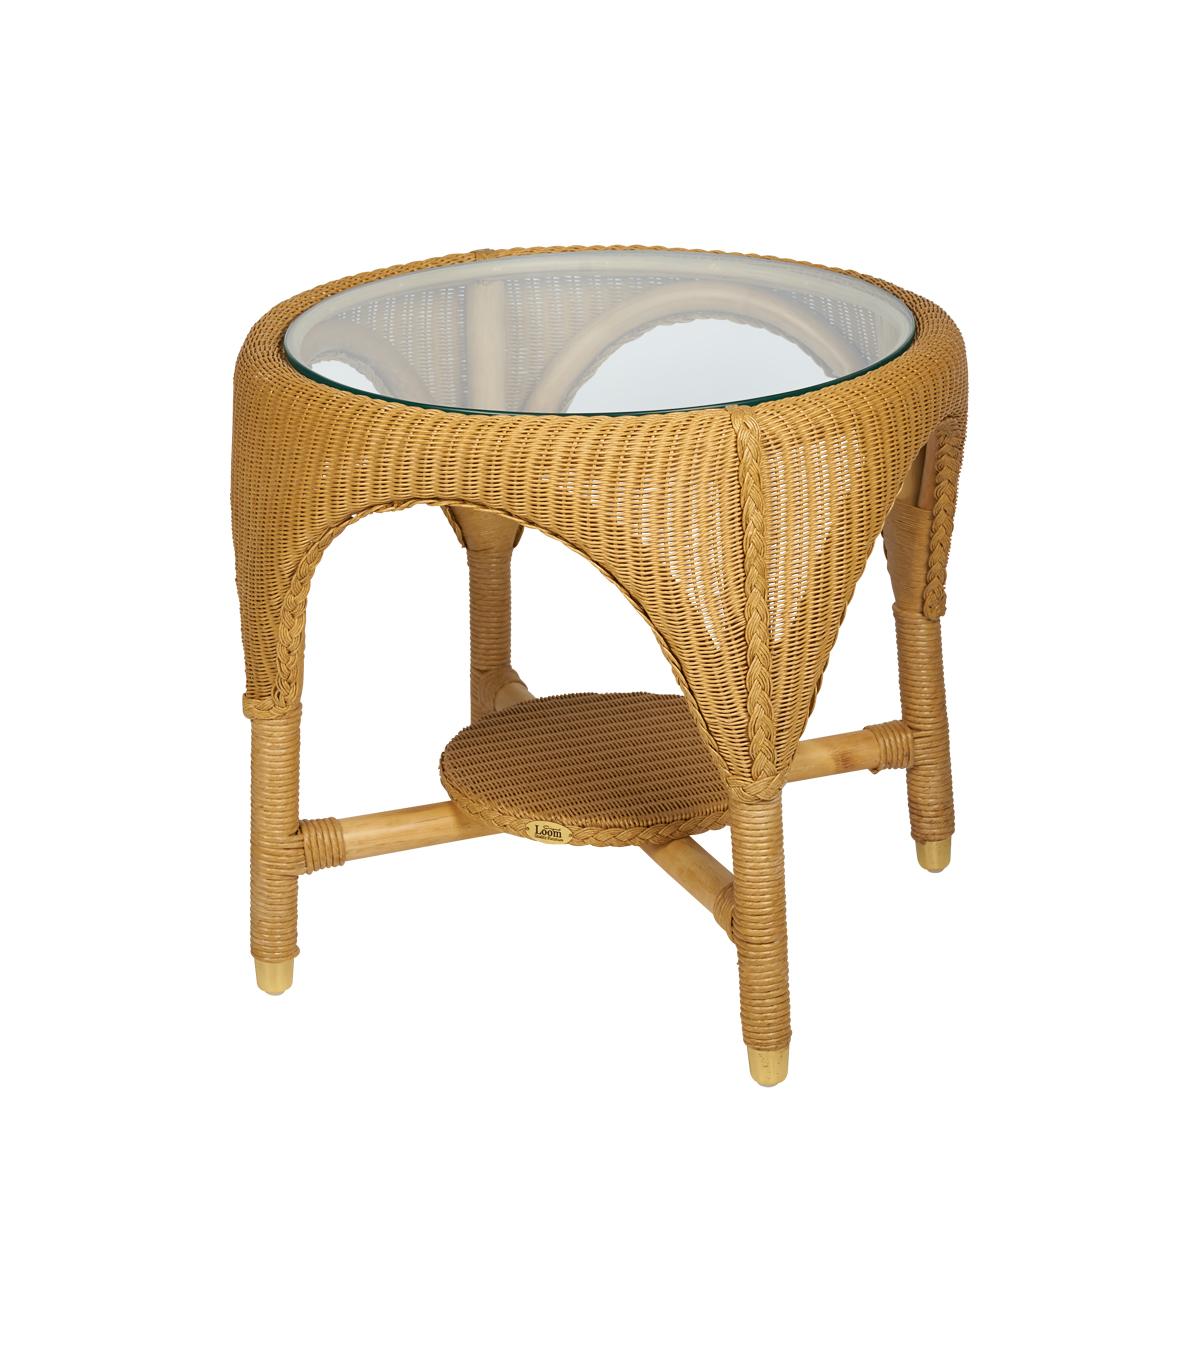 Lloyd Loom tafel Celine rond naturel